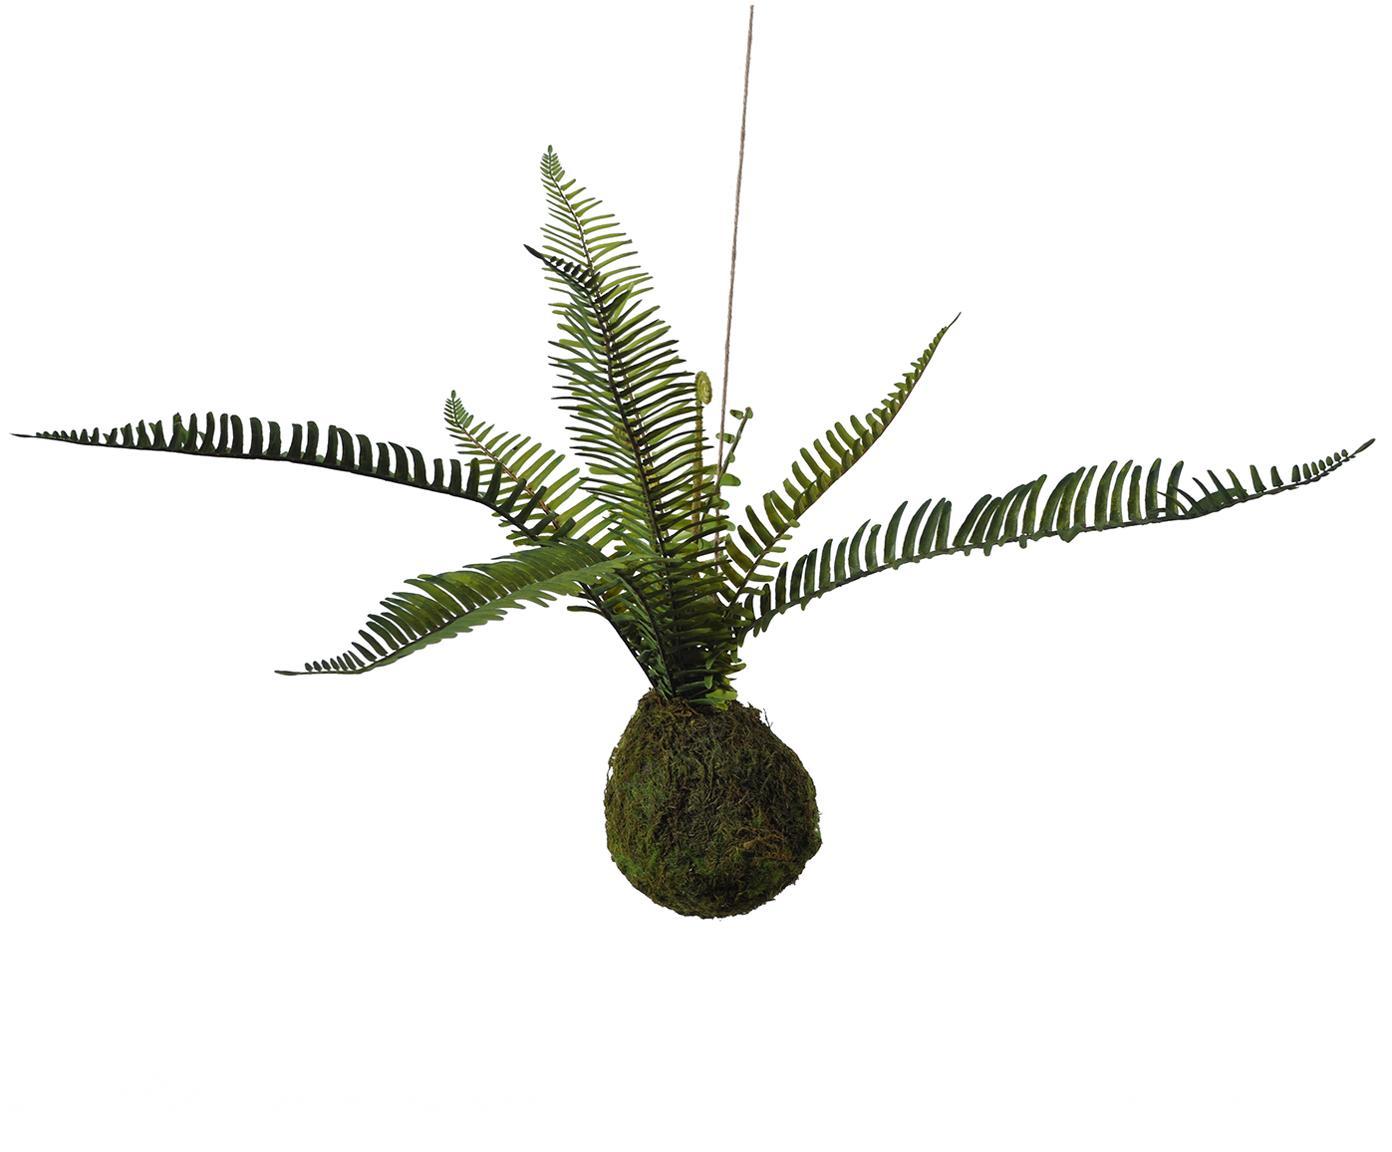 Sztuczny kwiat paproci Farn, Tworzywo sztuczne, pianka, poliester, trawa wodna, sizal, metal, Zielony, brązowy, W 55 cm